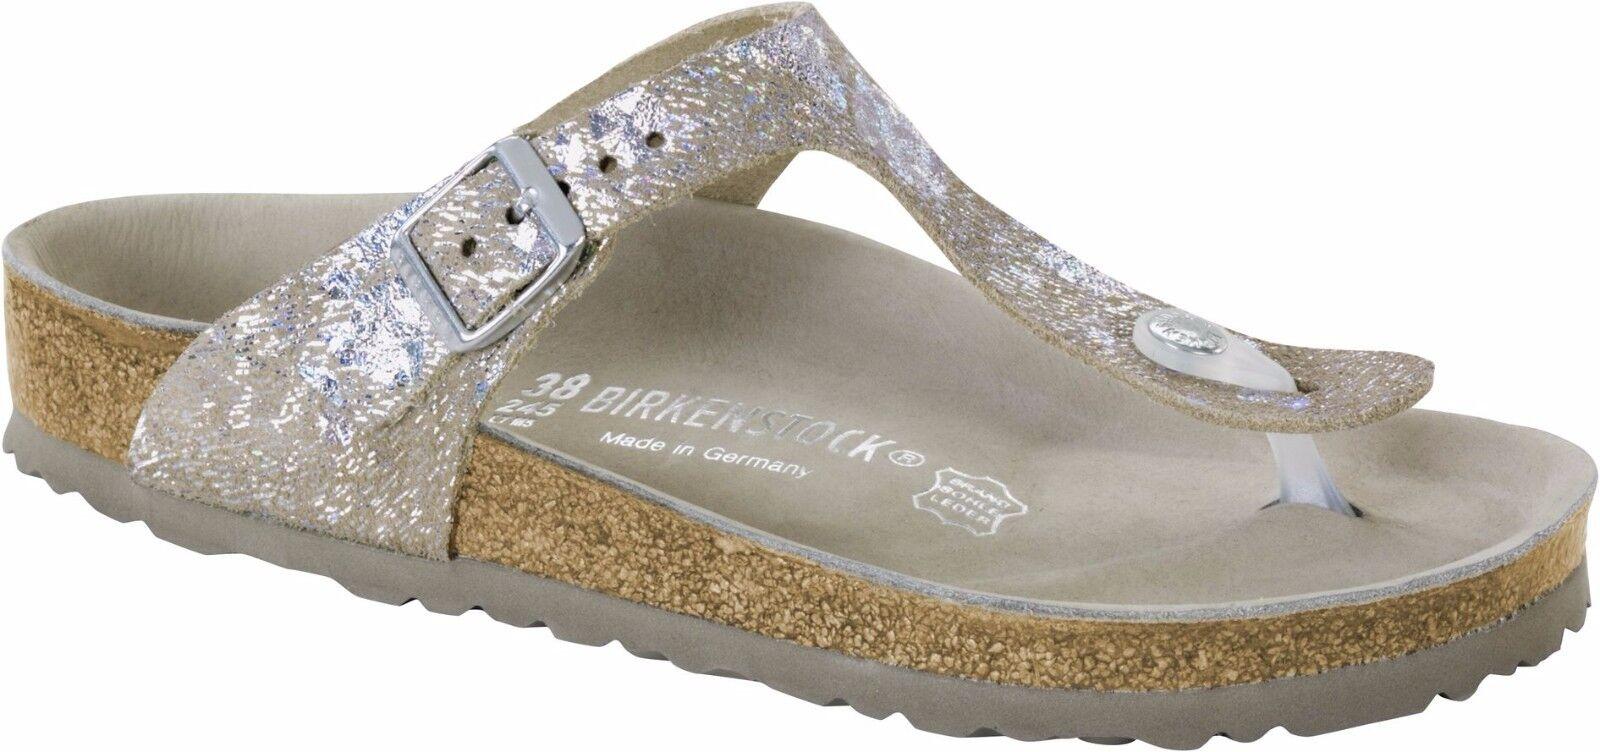 Birkenstock Exquisit Gizeh Spotted Metallic normal Silver Größe 35-43 Fußbett normal Metallic 026983